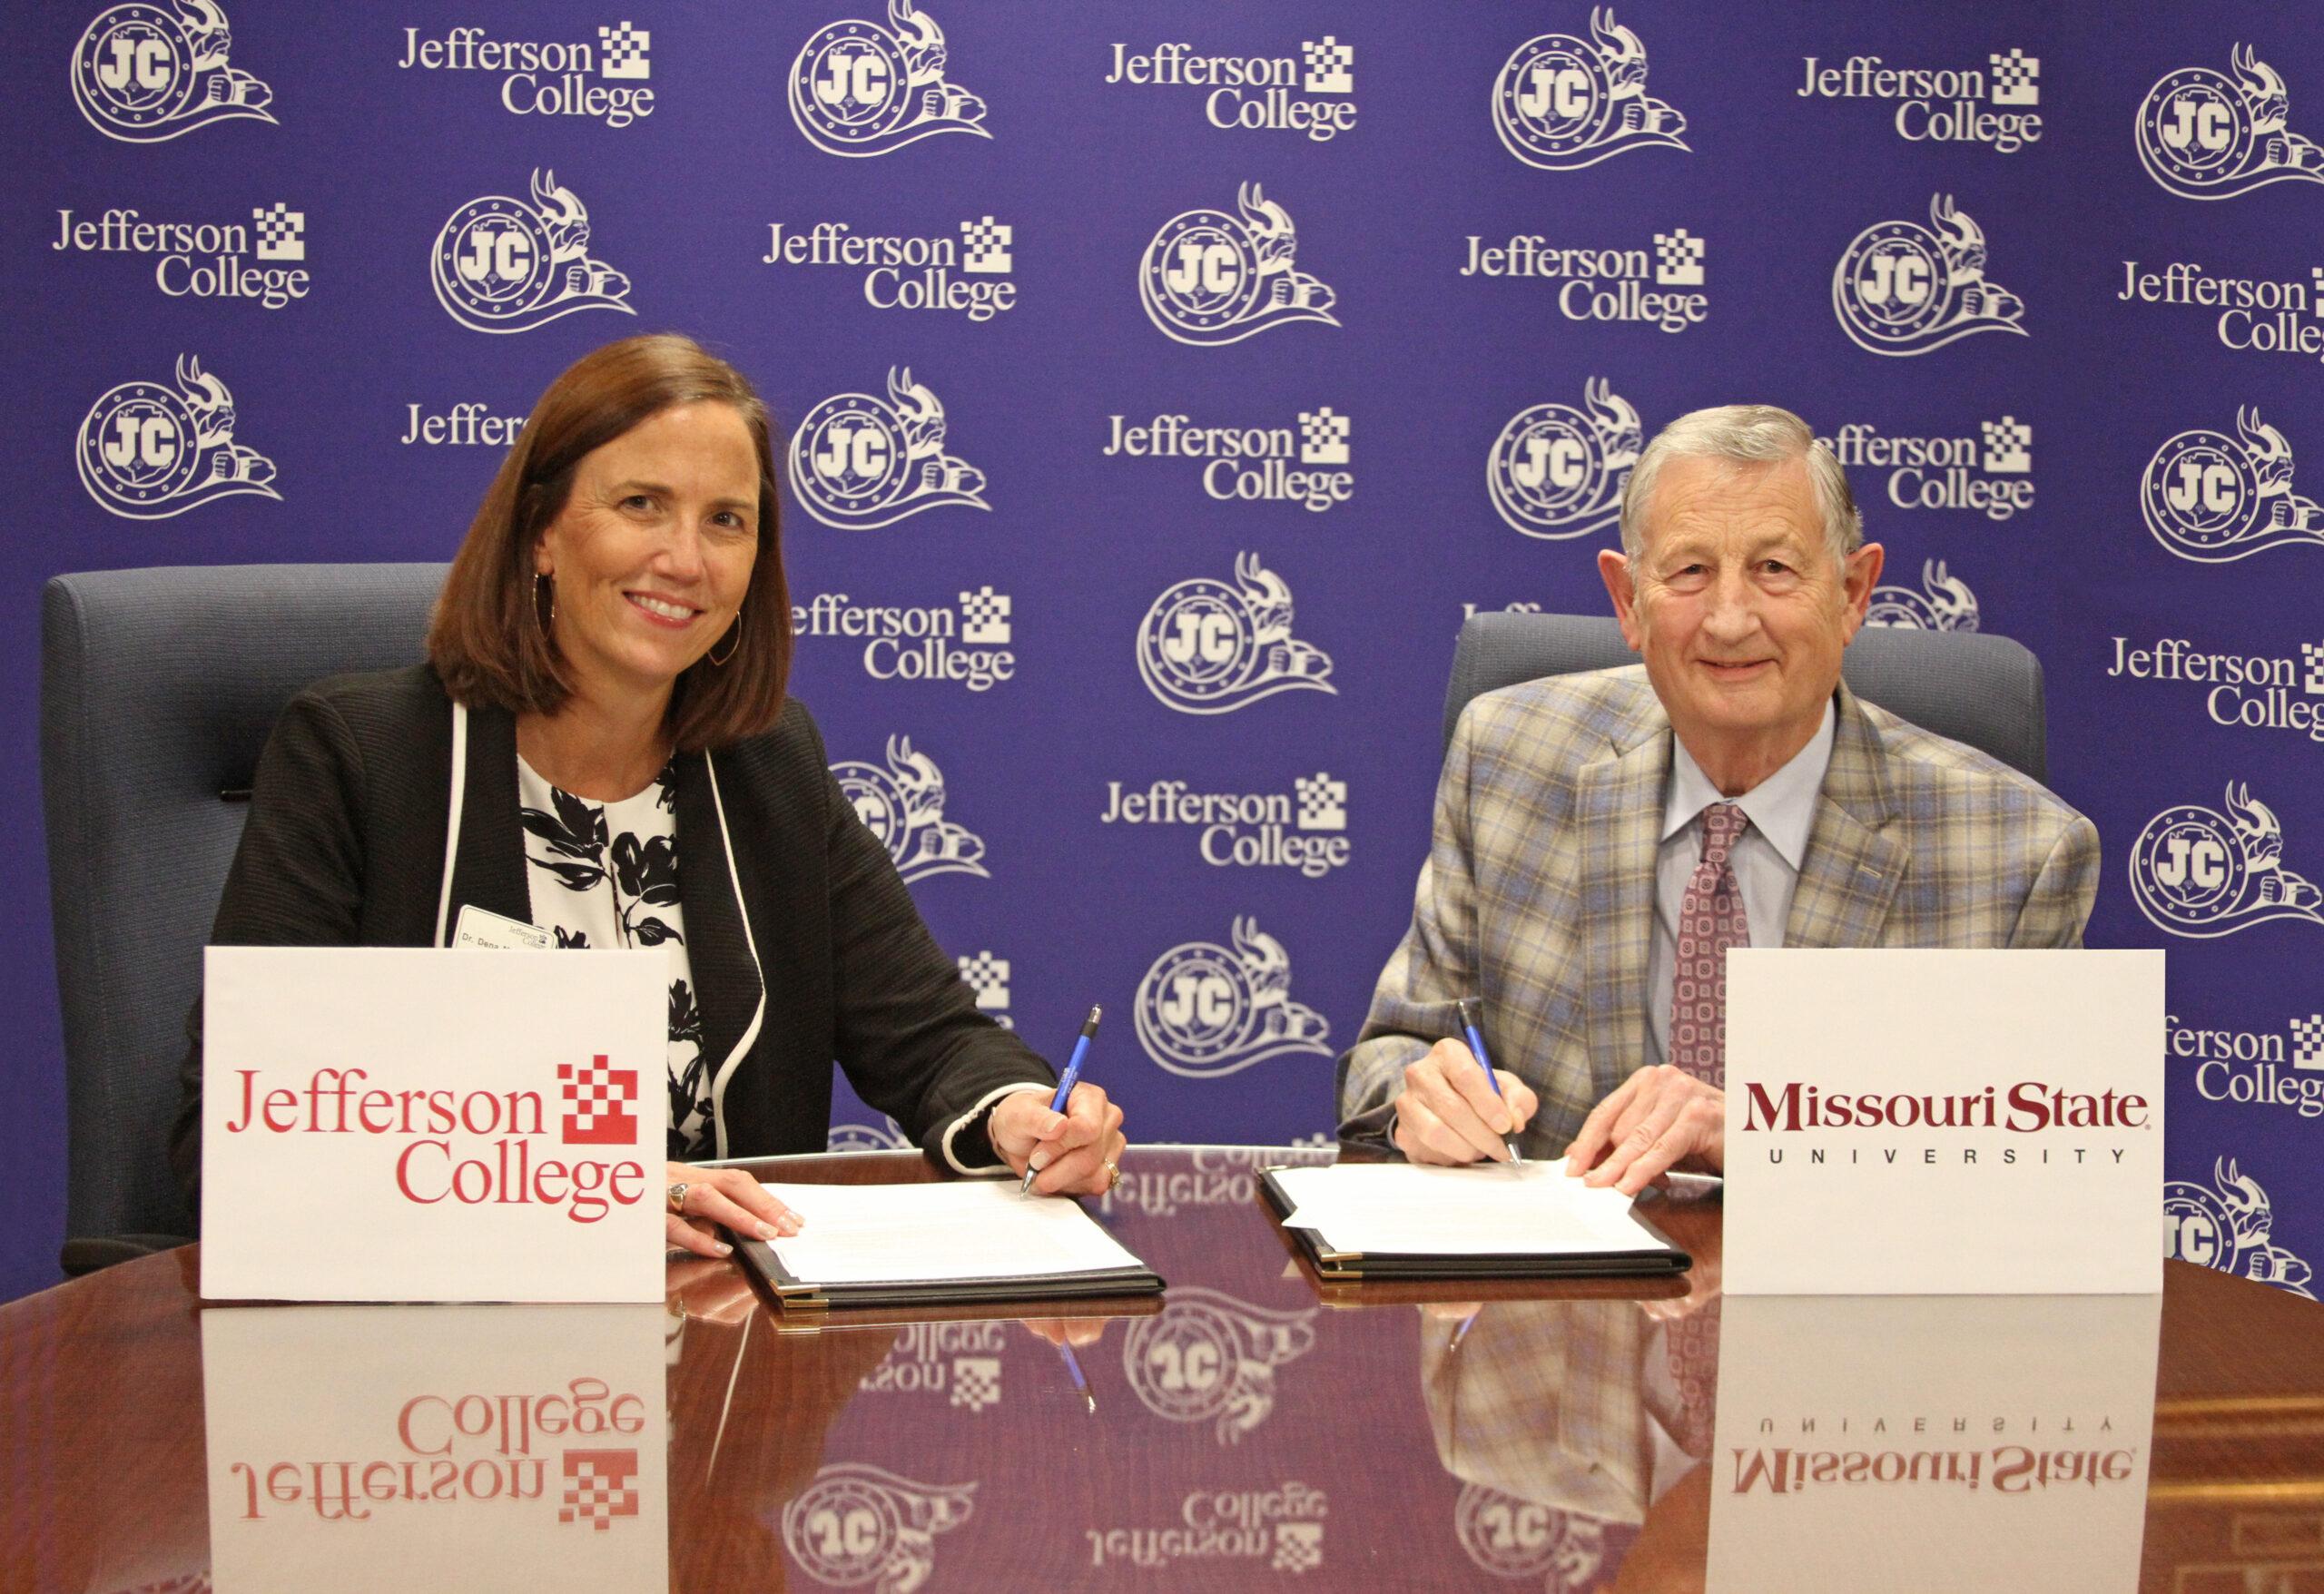 Dr. Mcaffrey and Dr. Einhellig